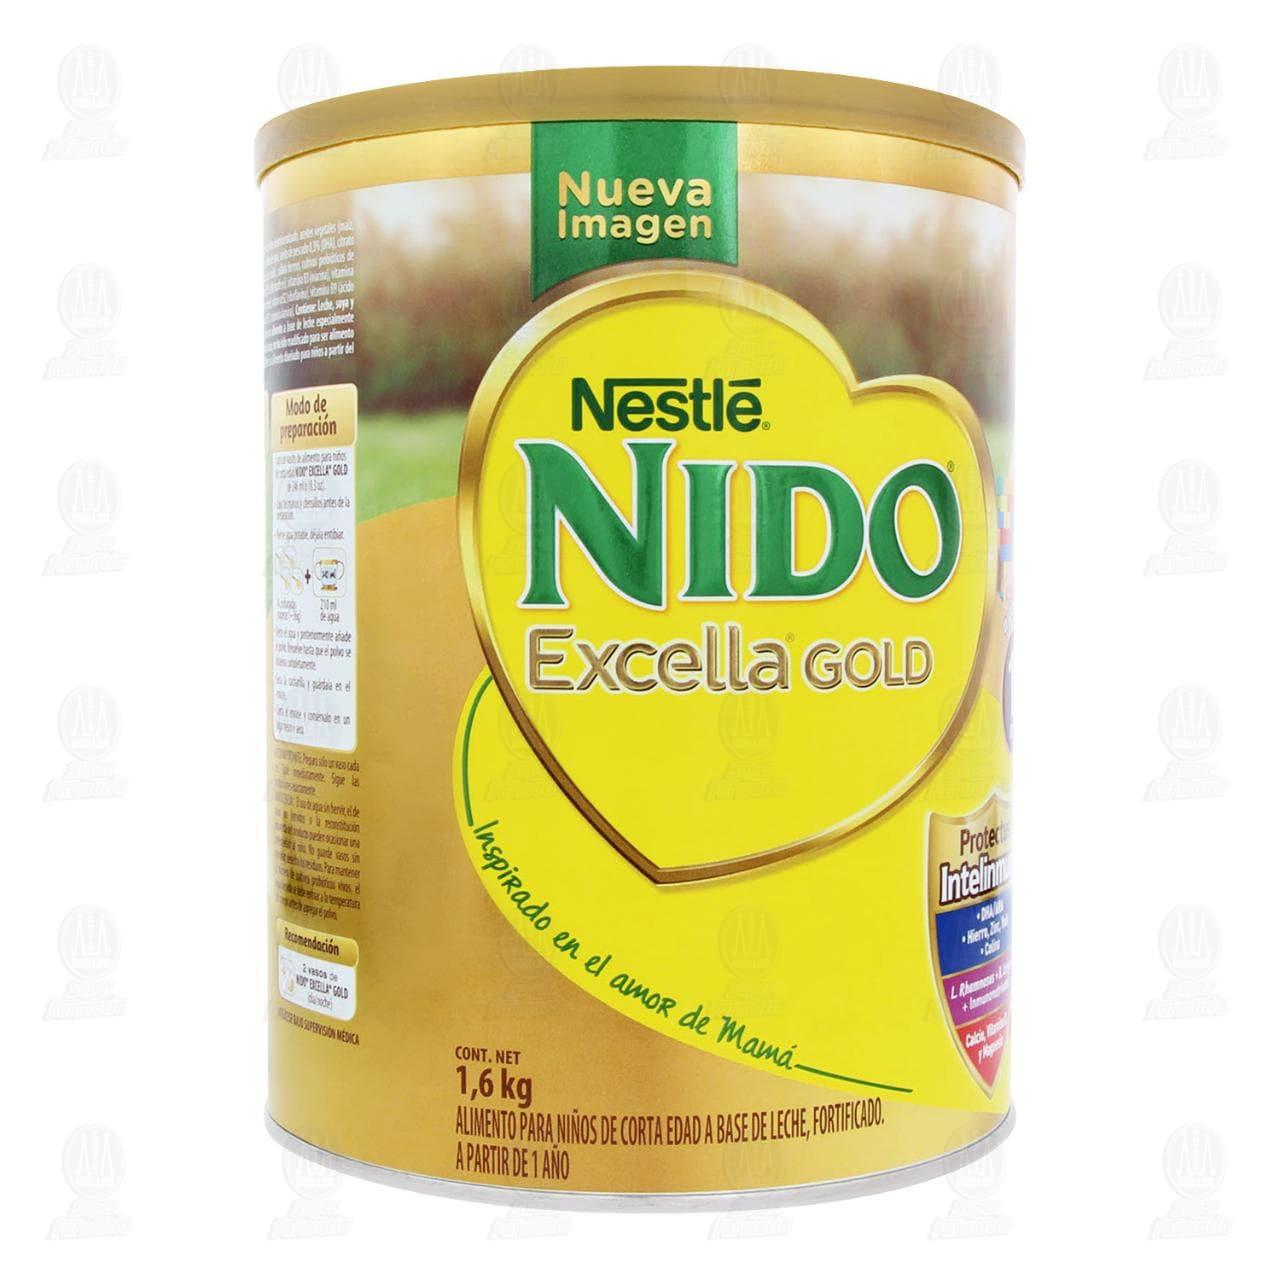 comprar https://www.movil.farmaciasguadalajara.com/wcsstore/FGCAS/wcs/products/1361520_A_1280_AL.jpg en farmacias guadalajara